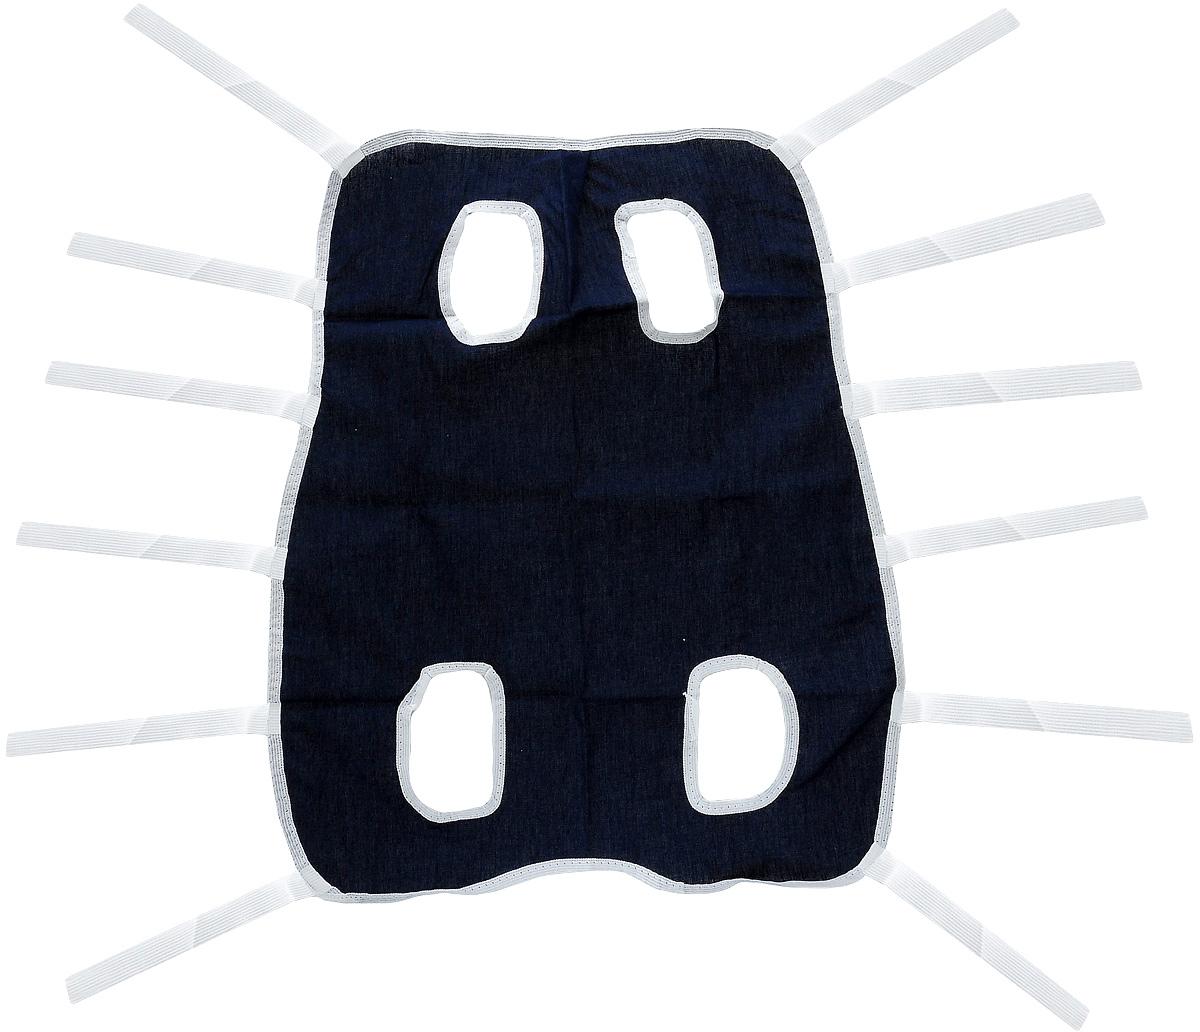 Попона послеоперационная для собак Collar, цвет: темно-синий, белый. Размер 267742Послеоперационная попона для собак Collar выполнена из высококачественной бязи, благодаря чему она хорошо вентилируется. Применяется при перевязке животных. Один слой плотной ткани помогает достичь надежной изоляции раны. Закрепляется при помощи завязок. Обхват груди: 32-60 см. Длина по спинке: 48 см.